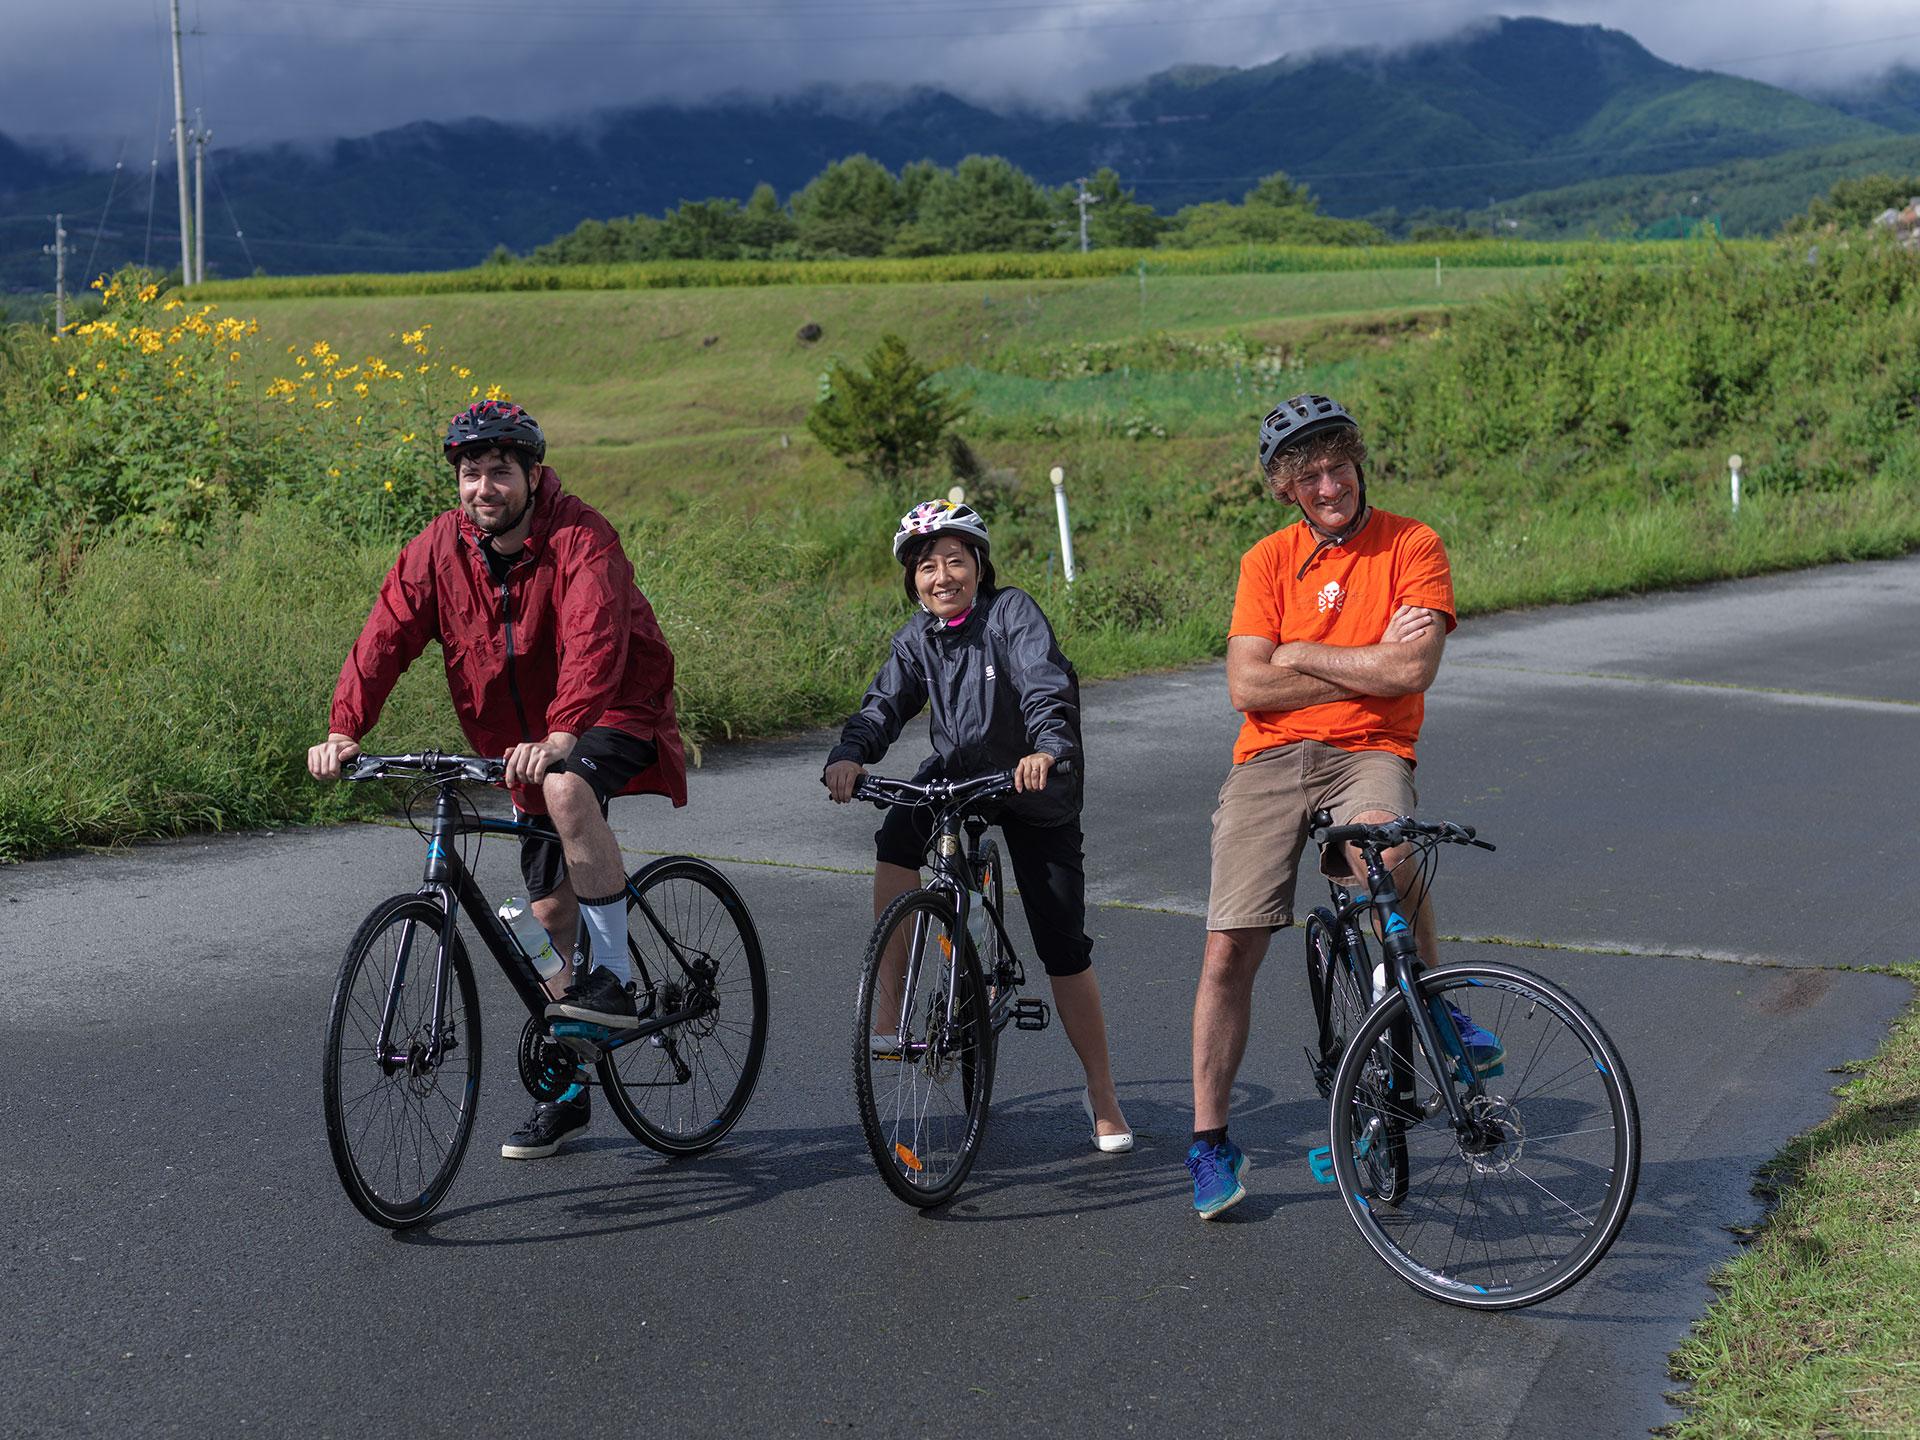 yatsugatake-cycling-jtb-suwa-day2_8451203